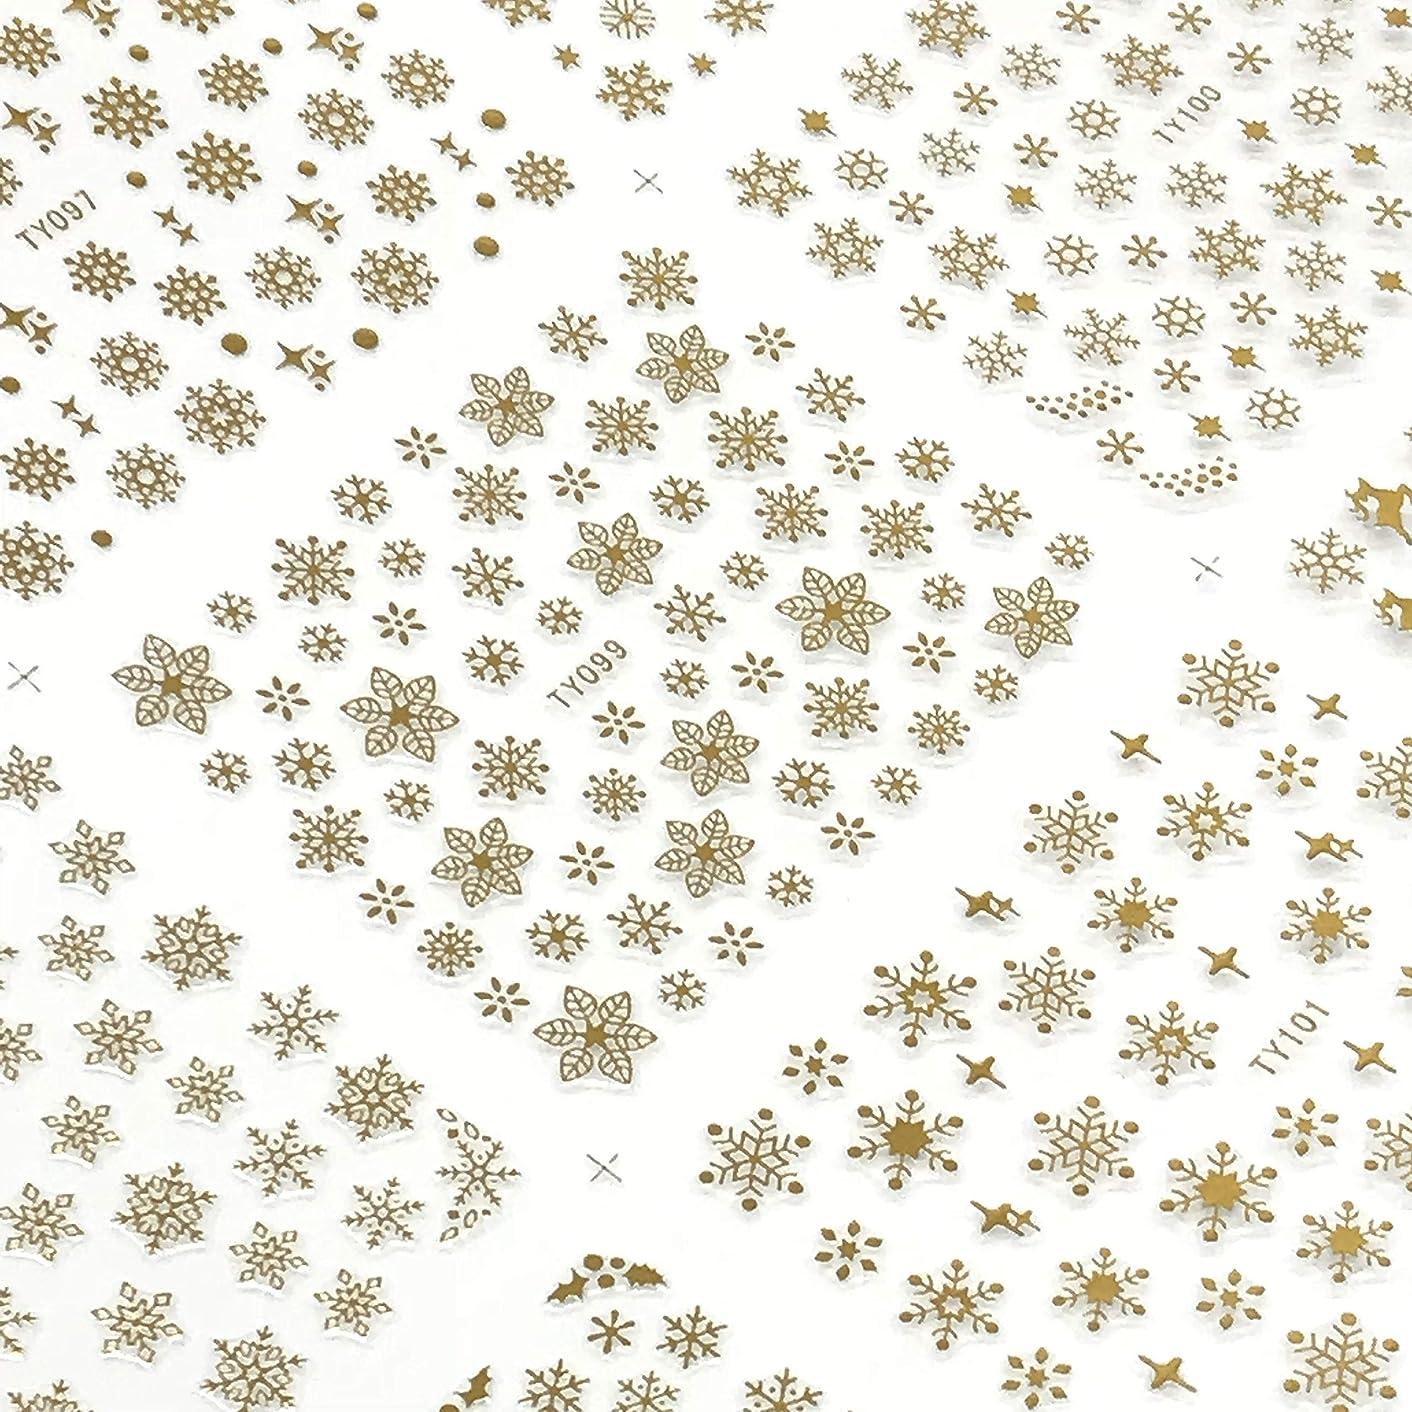 ヒロイックアシスト寓話雪の結晶シール 大判BIGビッグサイズ12種大容量ステッカー ネイル用文具貼り紙雪の花華スノー 3色選べる金銀白 冬 (金色 Gold)